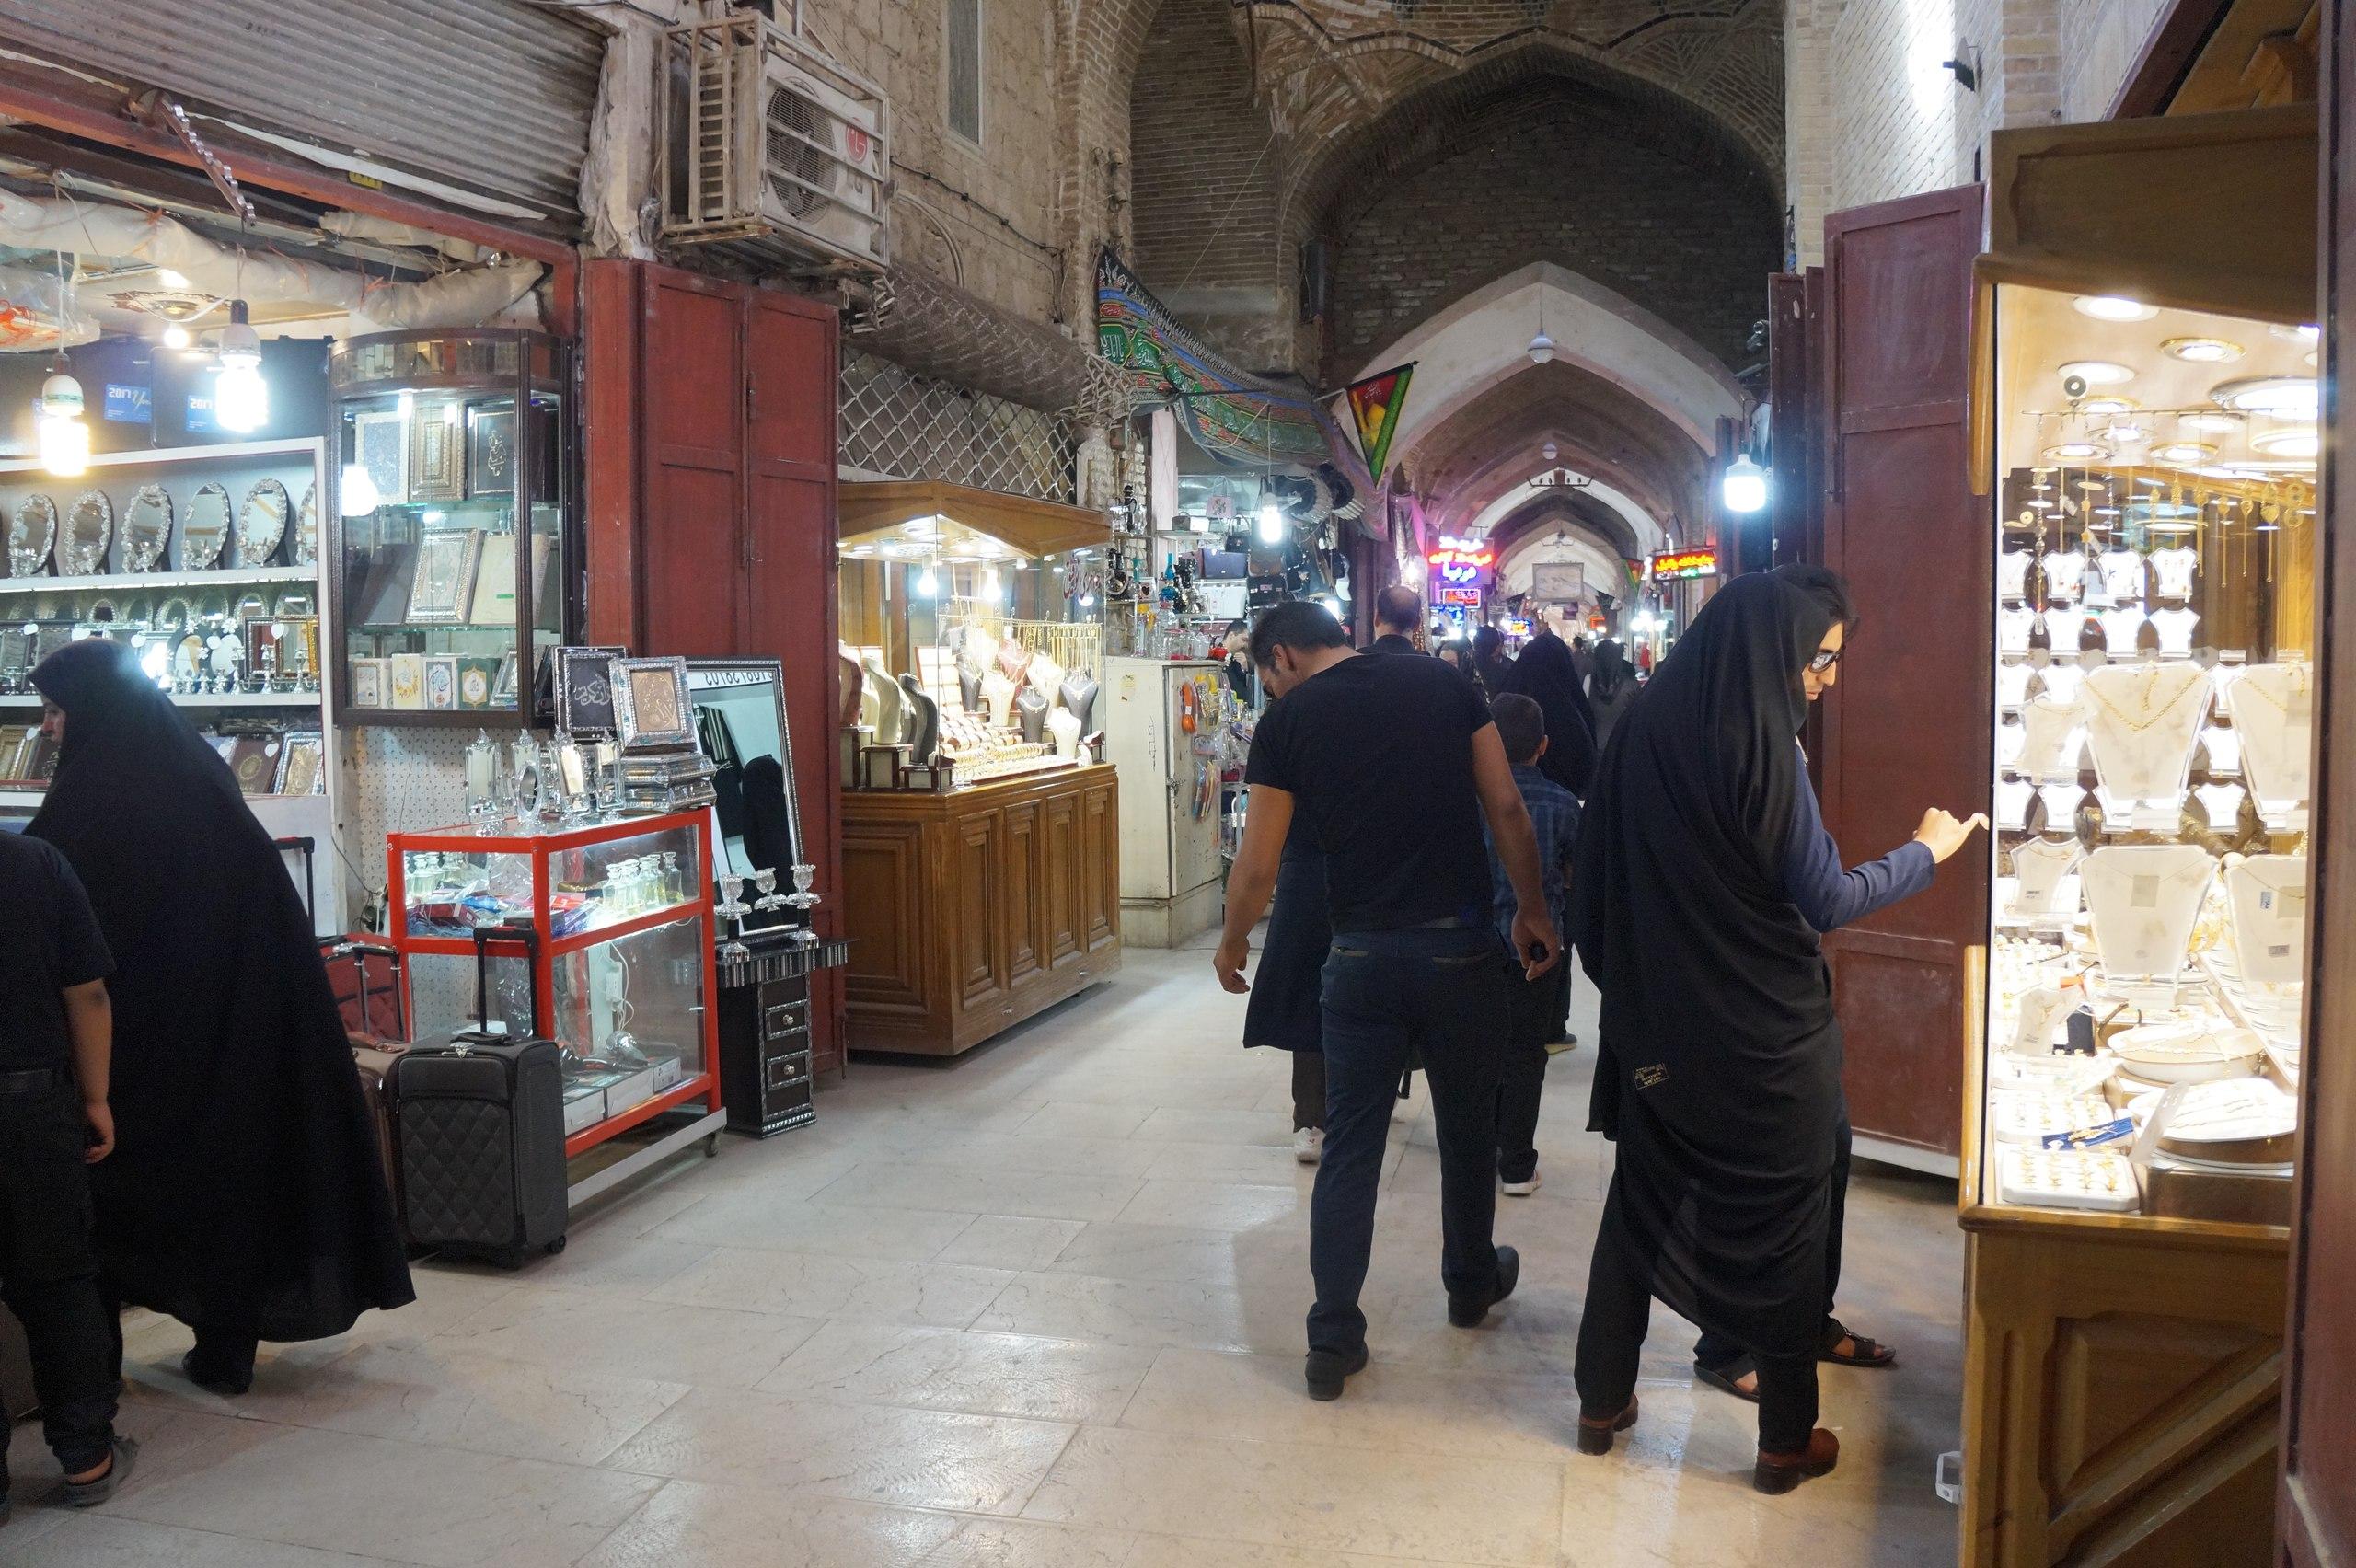 Возможно ли запугать Иран? стране, Иране, ничего, только, очень, Ирану, могут, санкций, через, своих, самом, самое, сделки, весьма, ядерной, чтото, картой, порядок, залив, полный